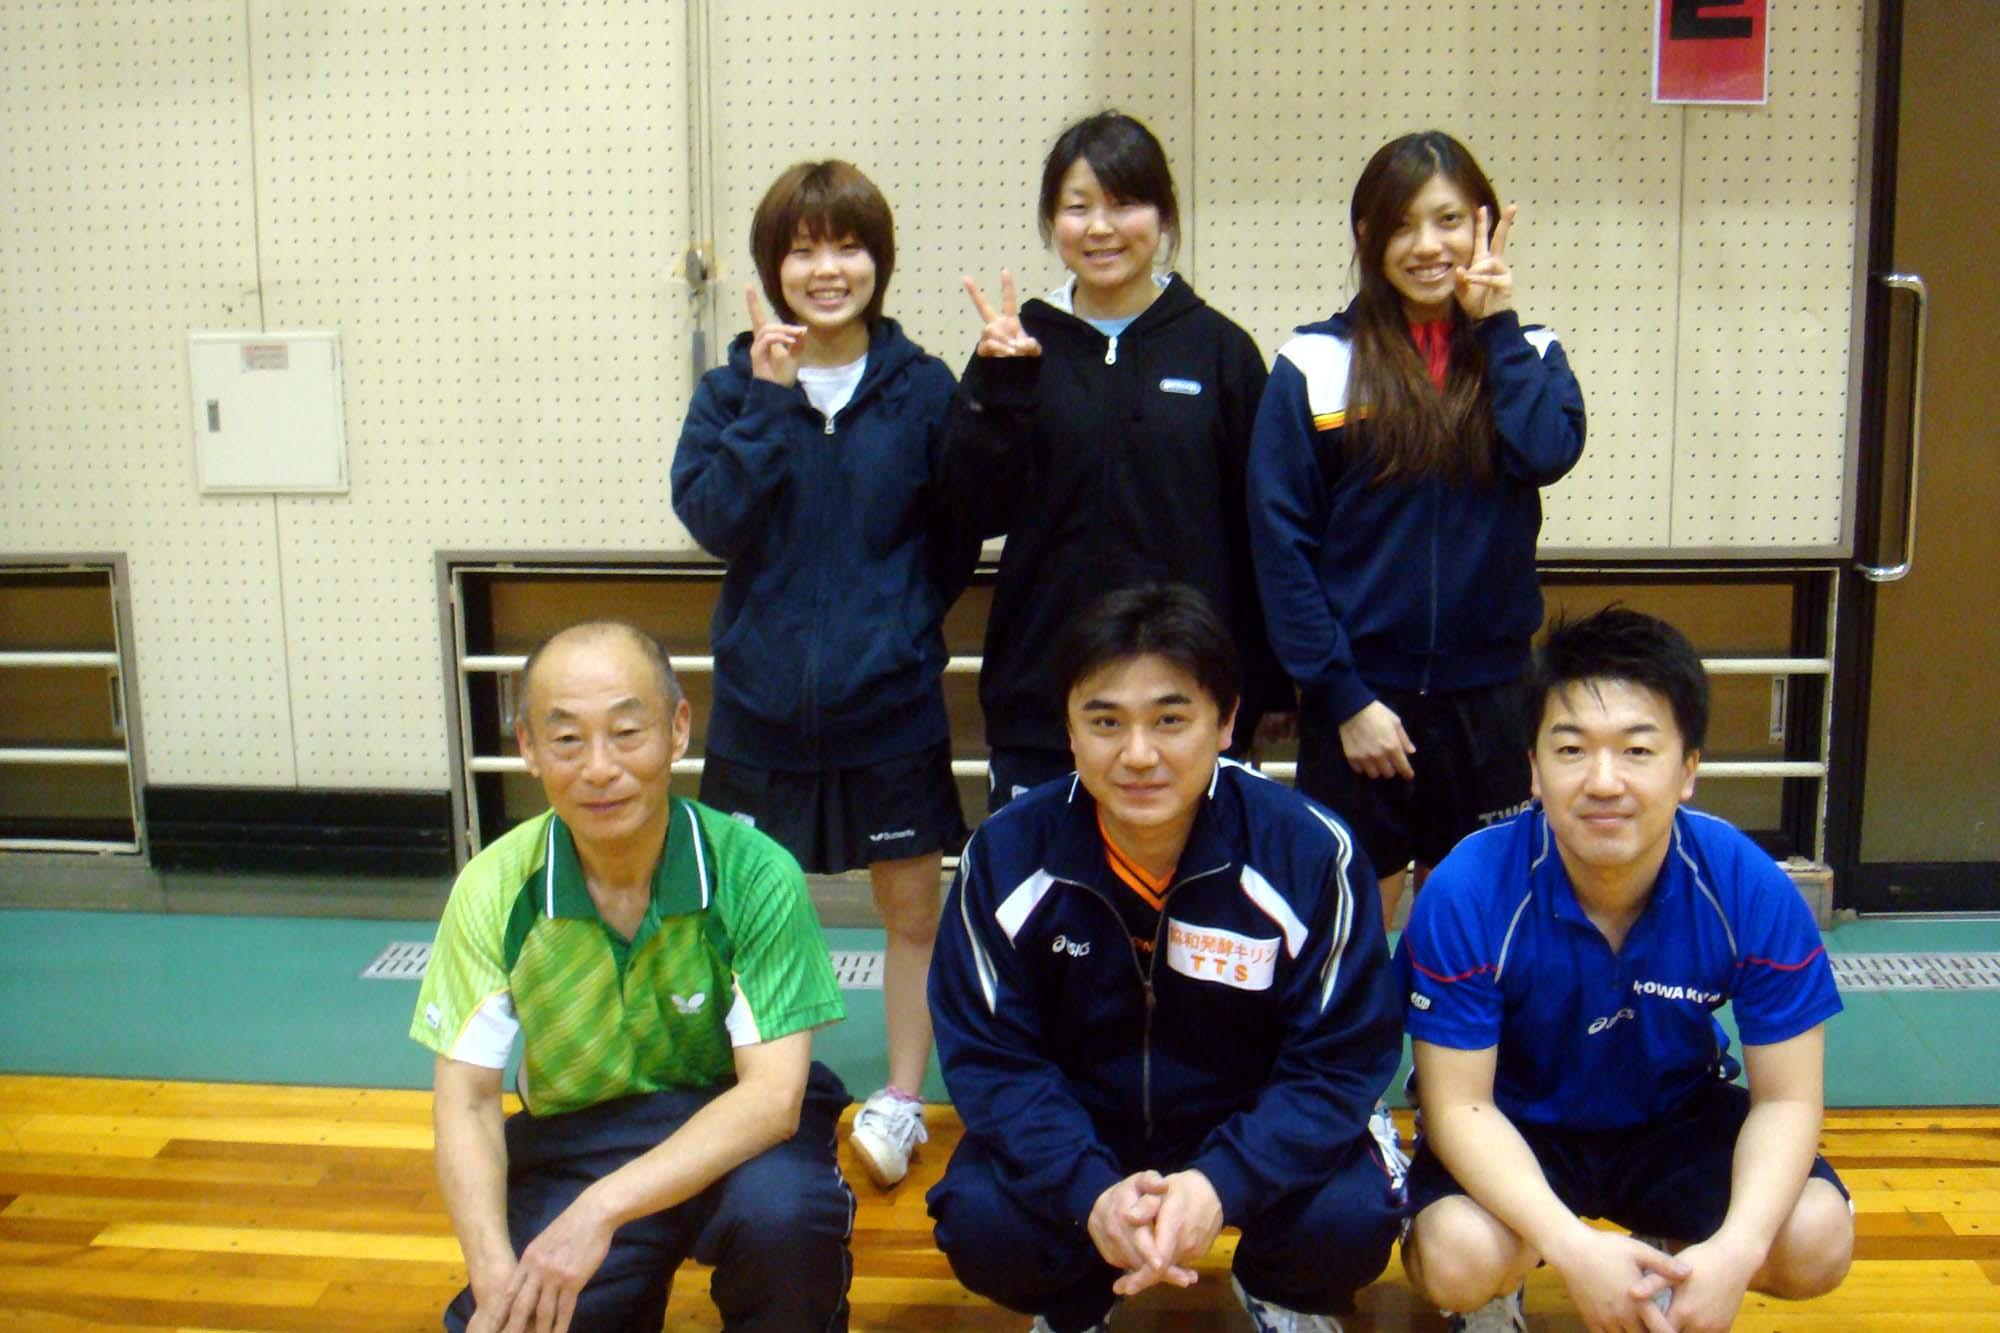 sutafu - みんなで卓球より・・・一年ありがとうございました!!